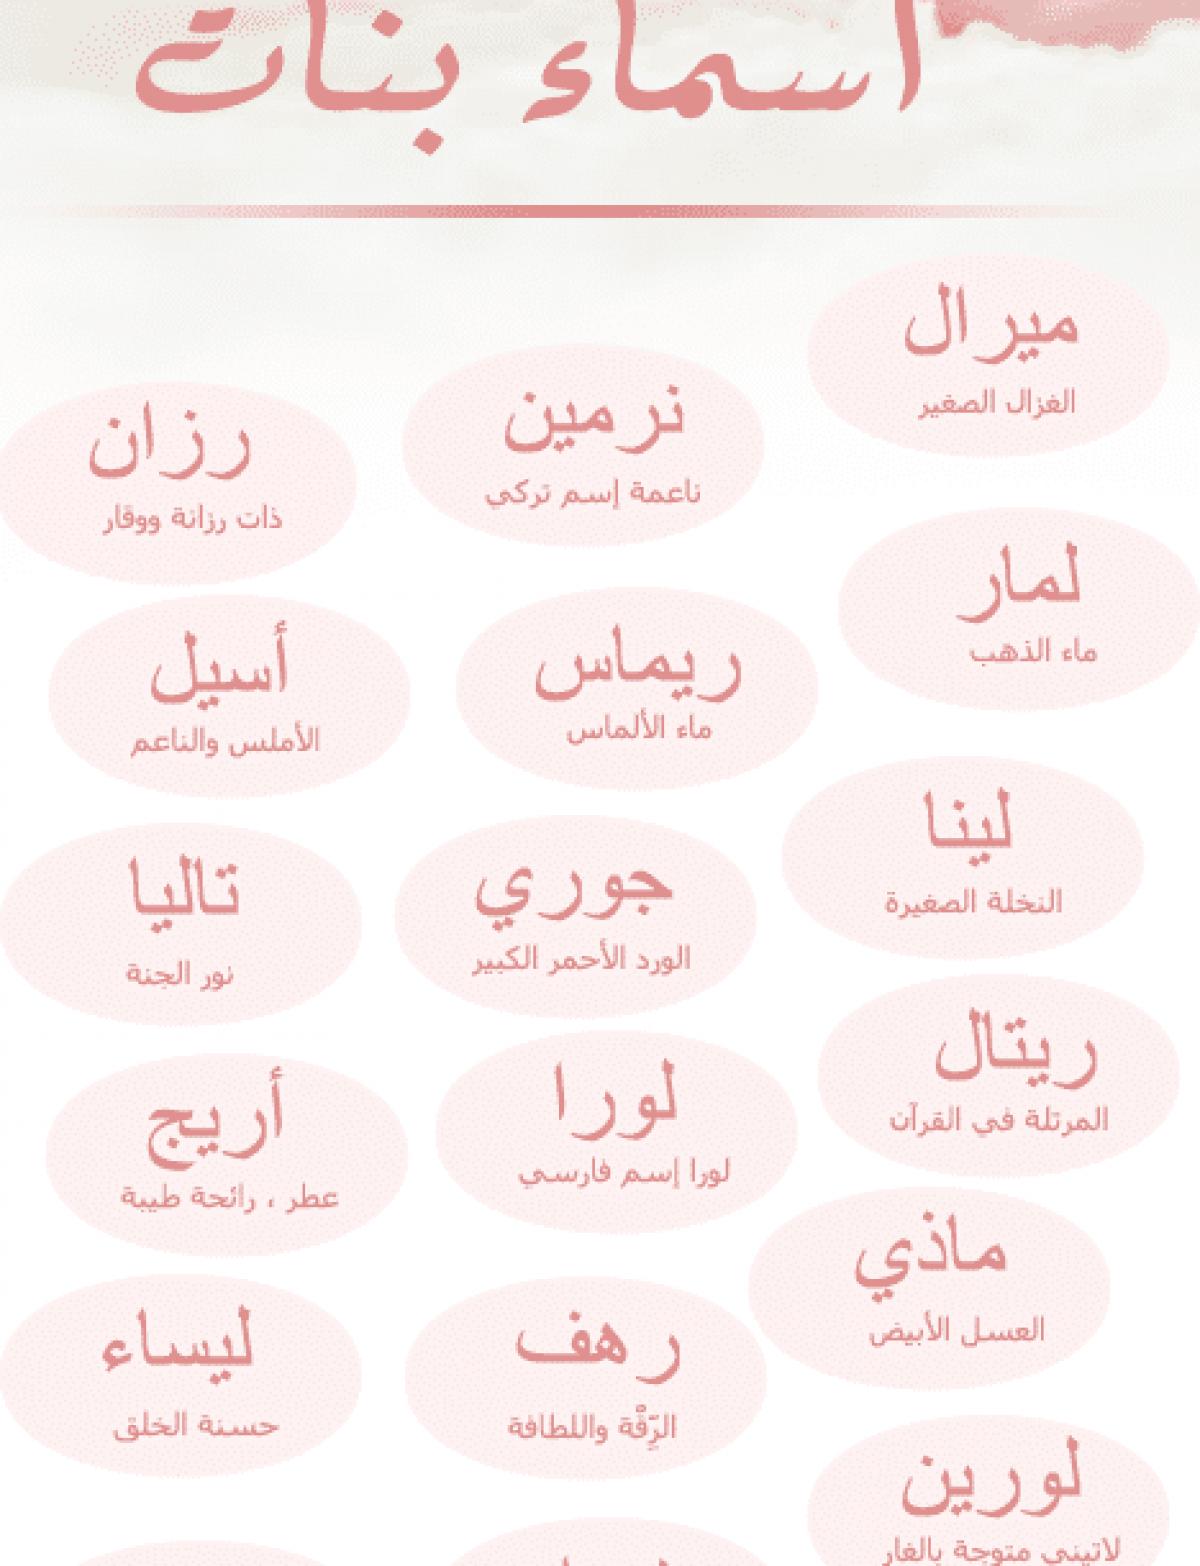 القاب بنات حلوه ببجي